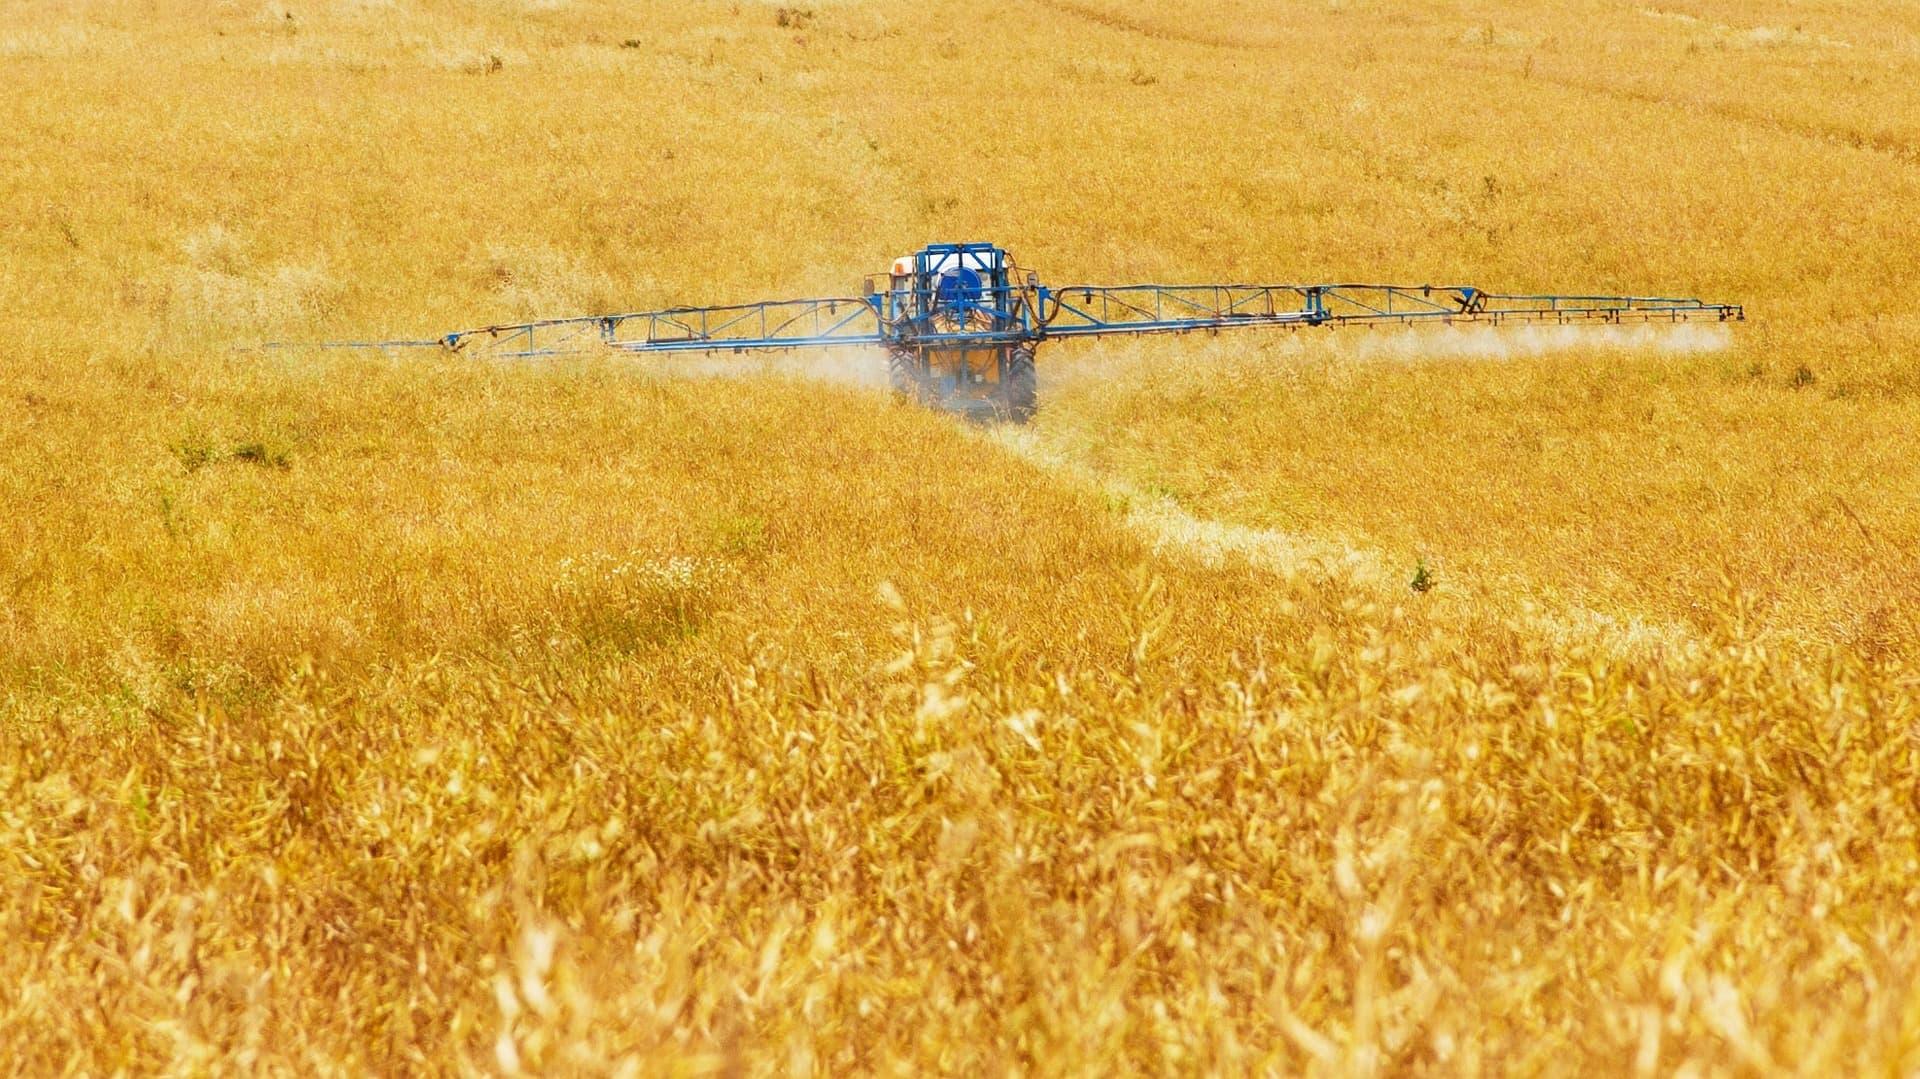 Pestizide werden auf Feld versprüht